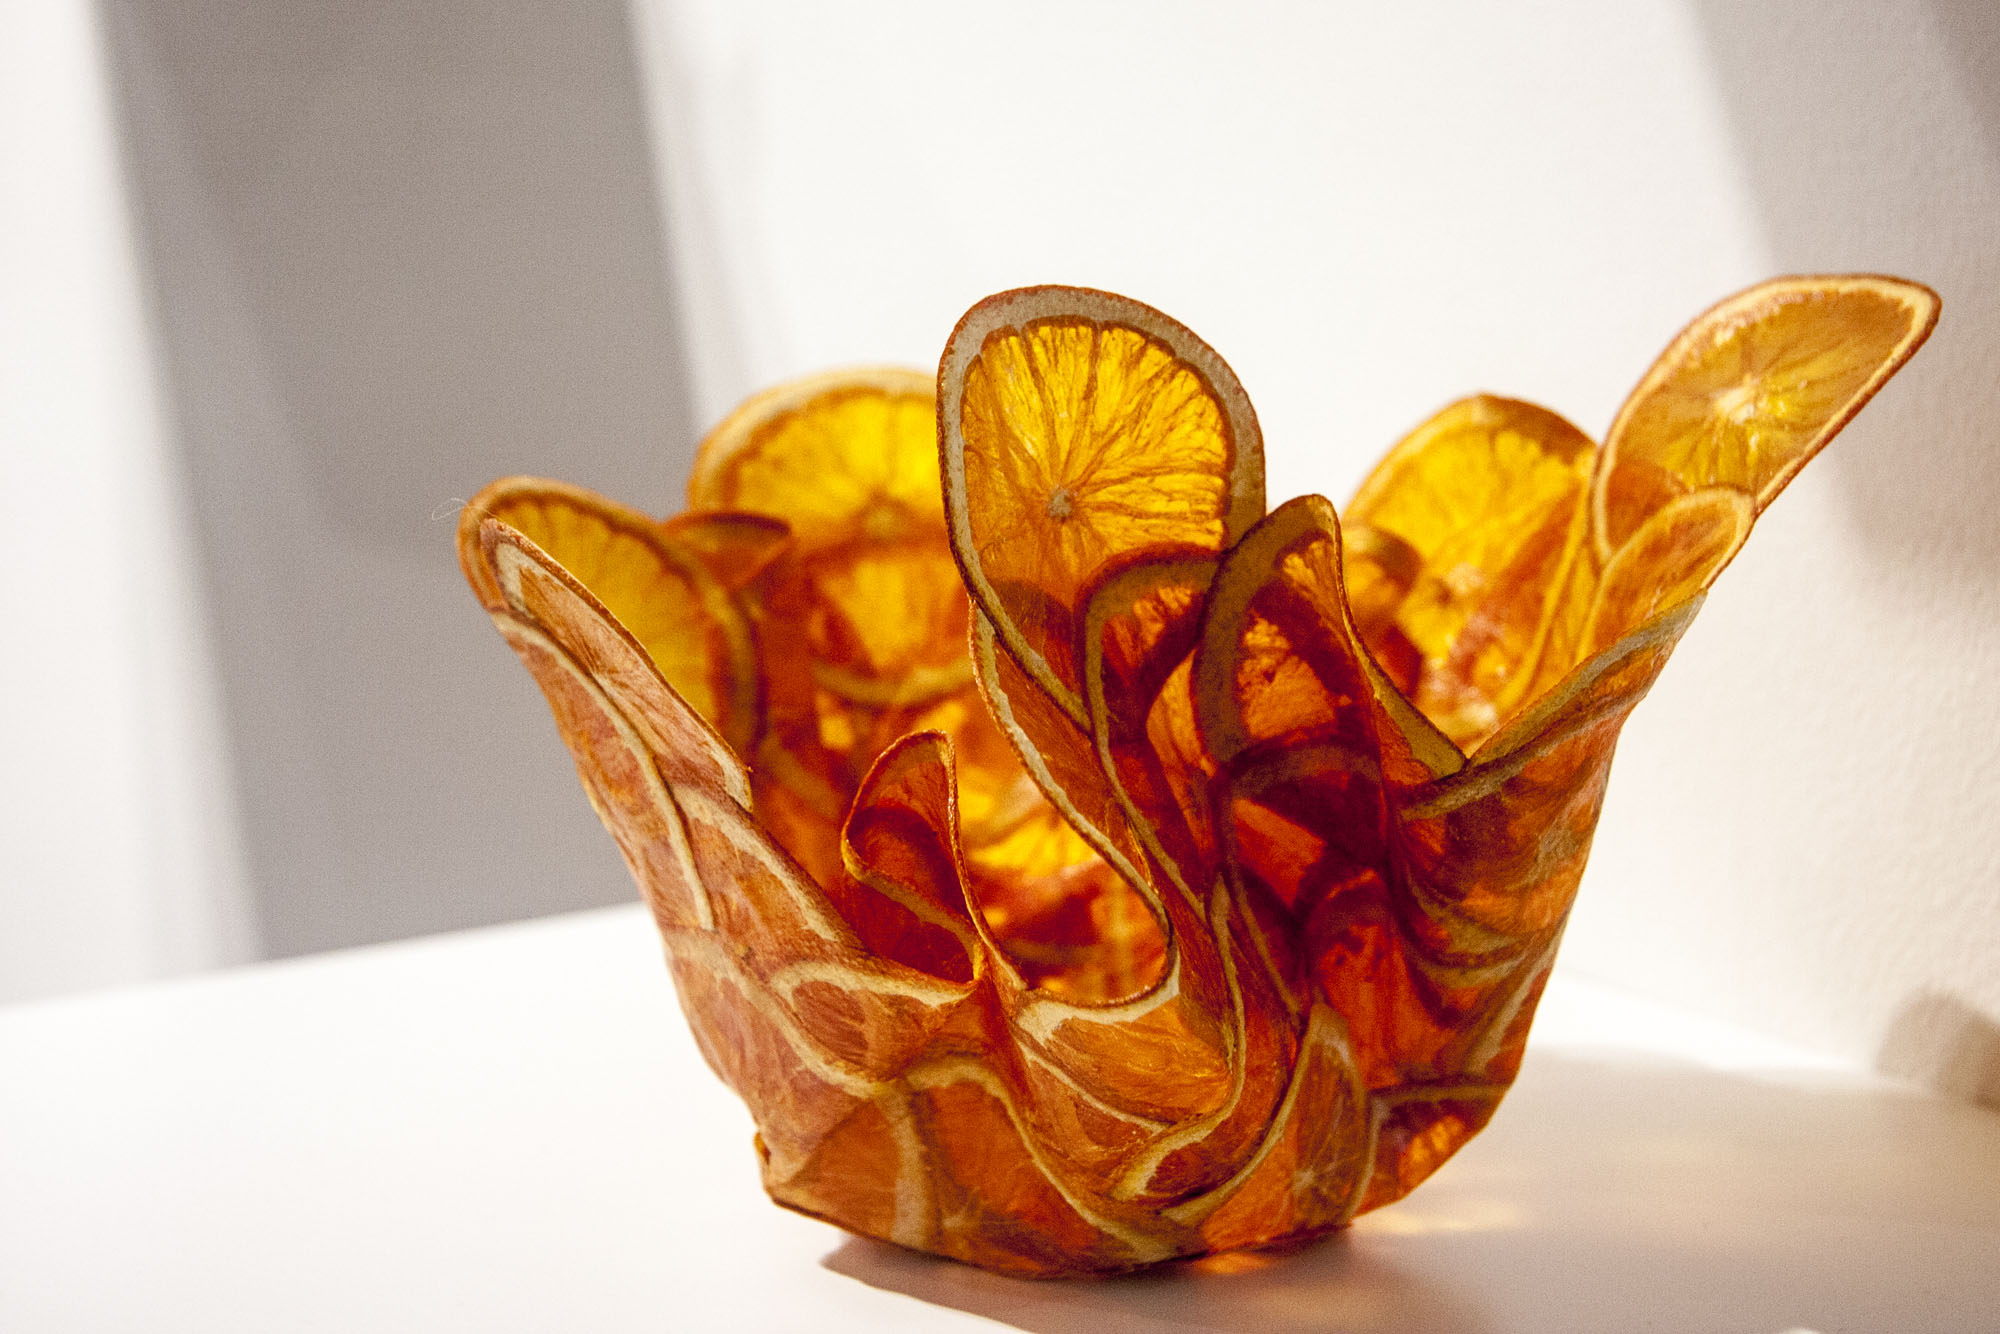 Orange Parchment Bowl, individual image